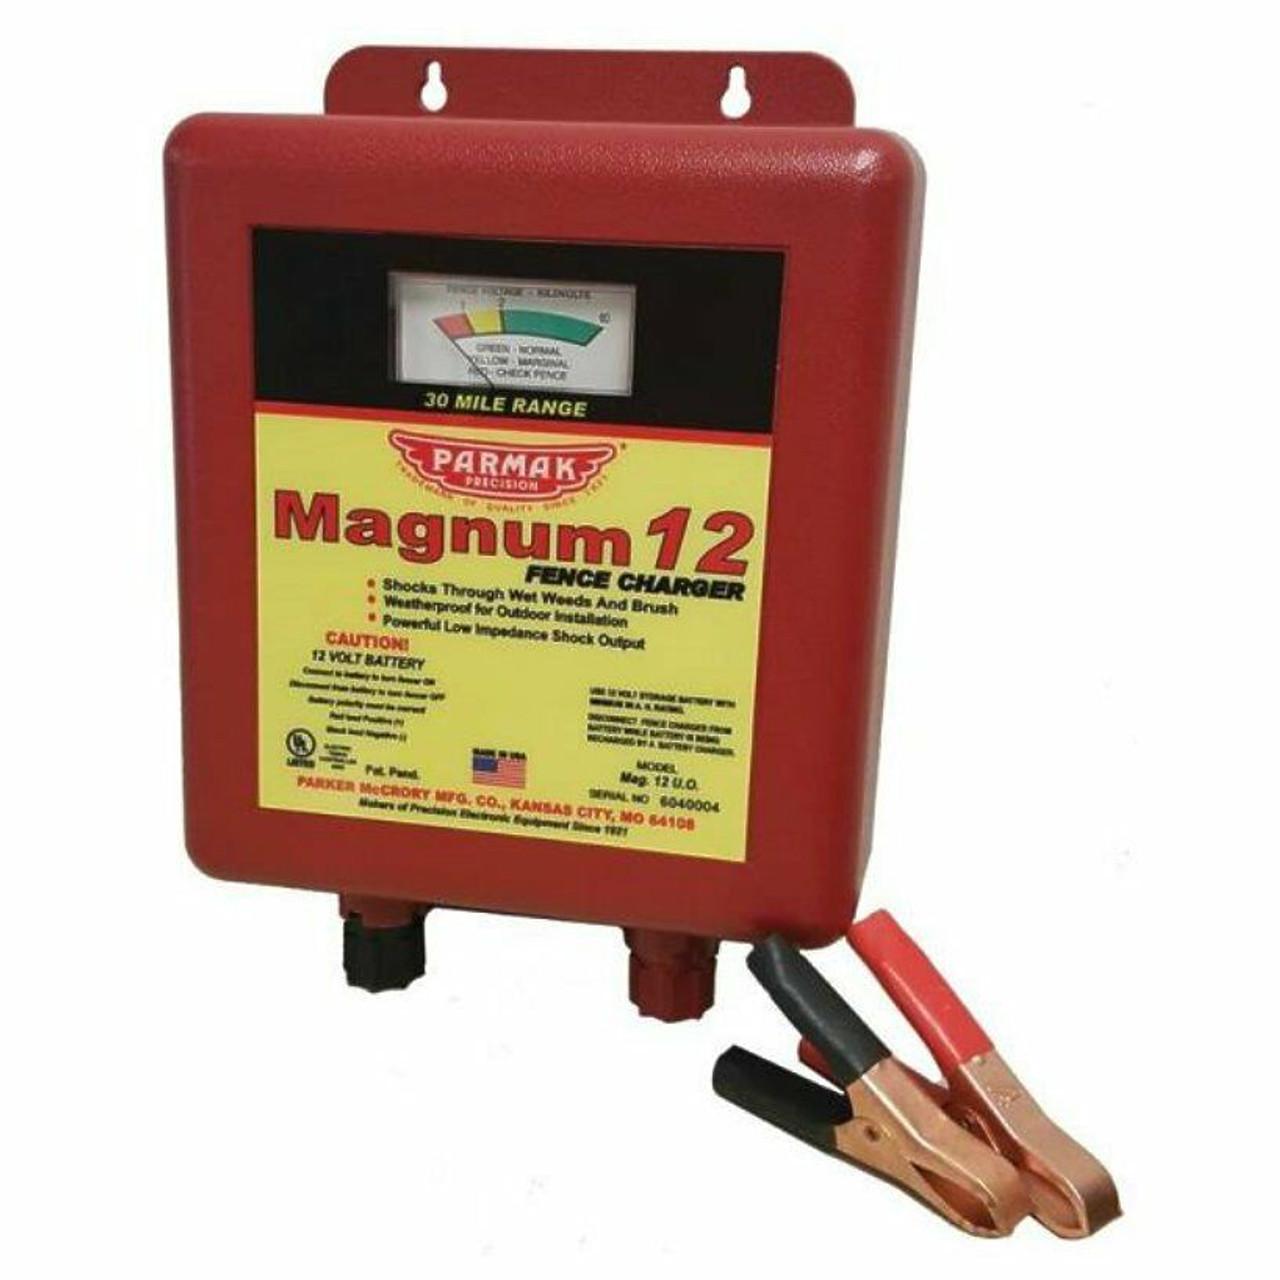 Parmak Precision MAG 12-UO 12 Volt  Solar Fencer